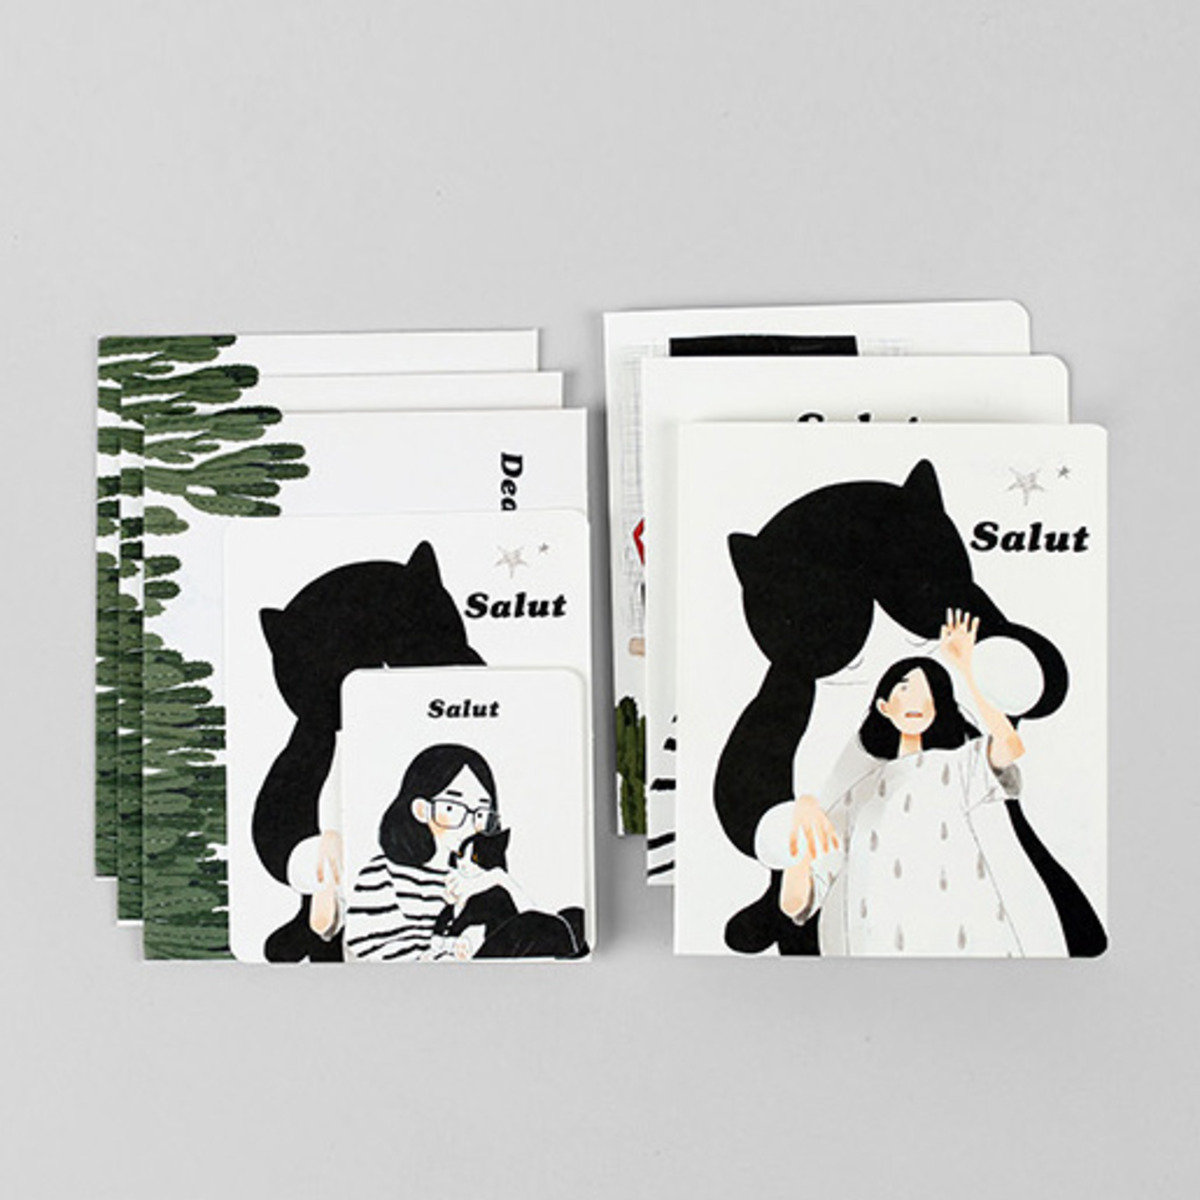 卡,信封,小卡套裝 06 Salut_nacoo_16963